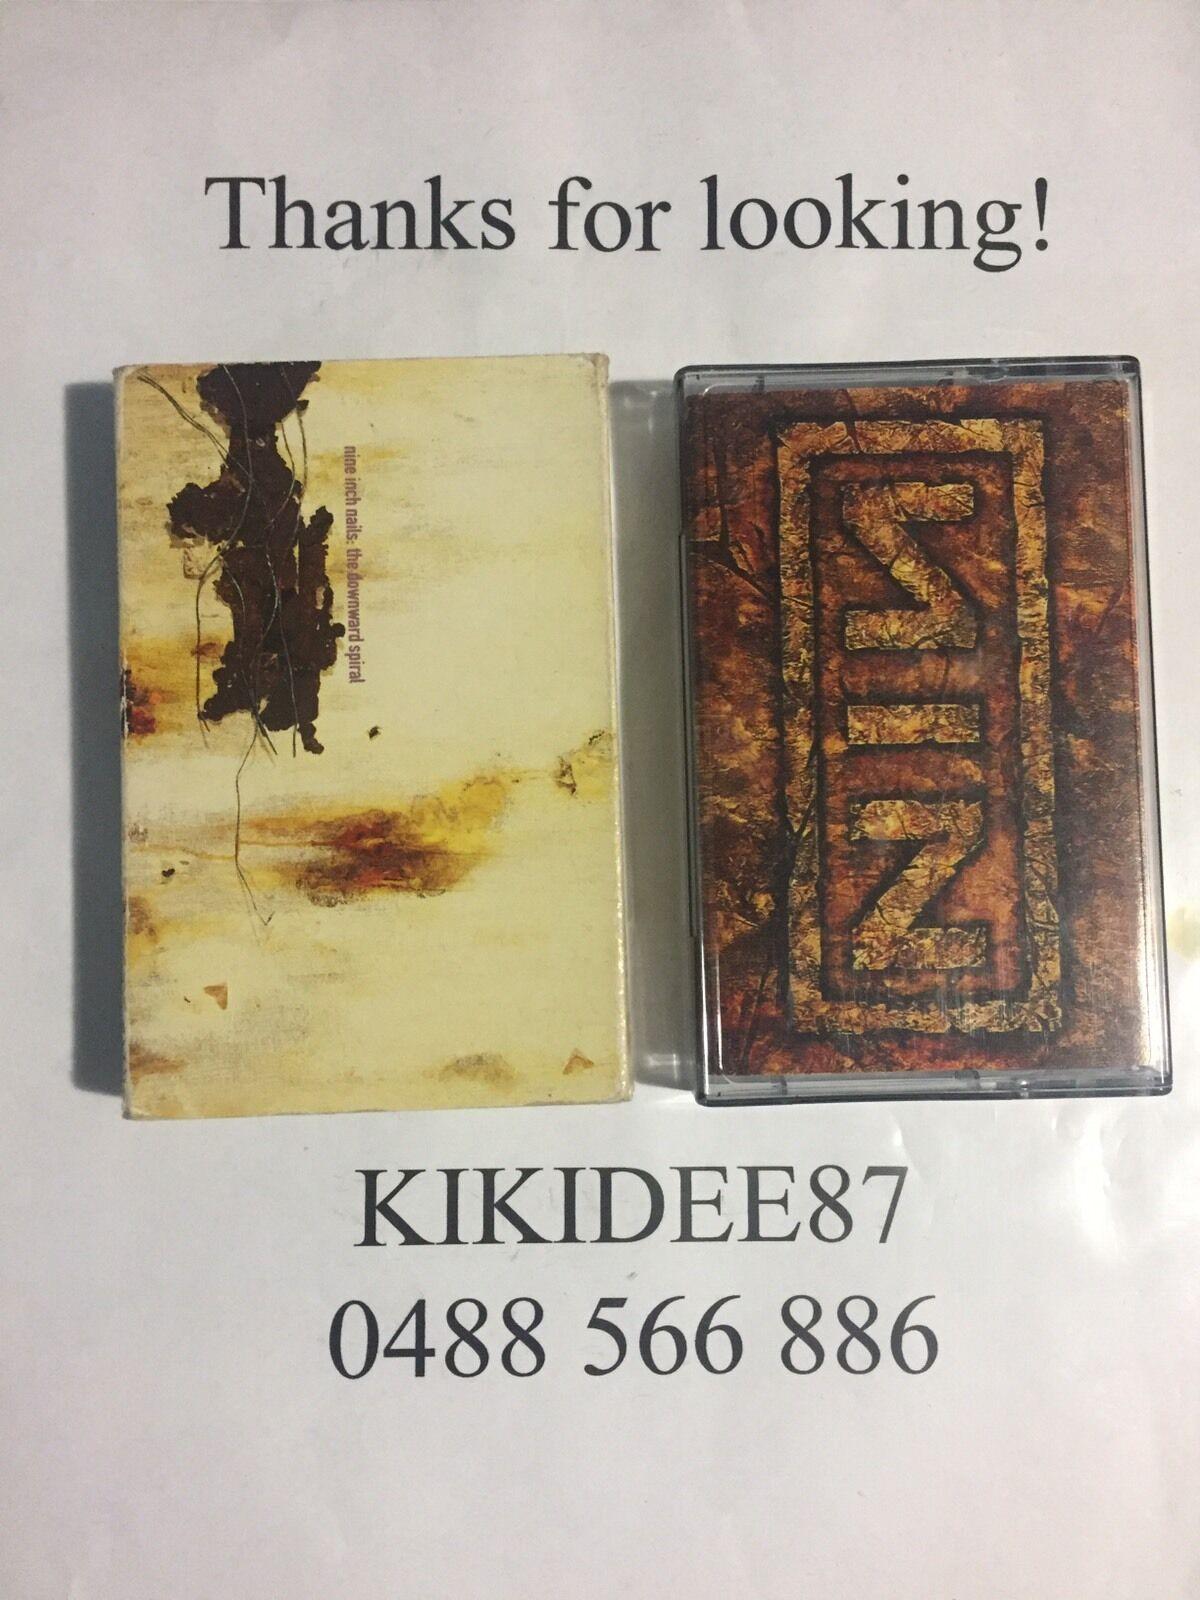 Nine Inch Nails The Downward Spiral Cassette Tape | eBay